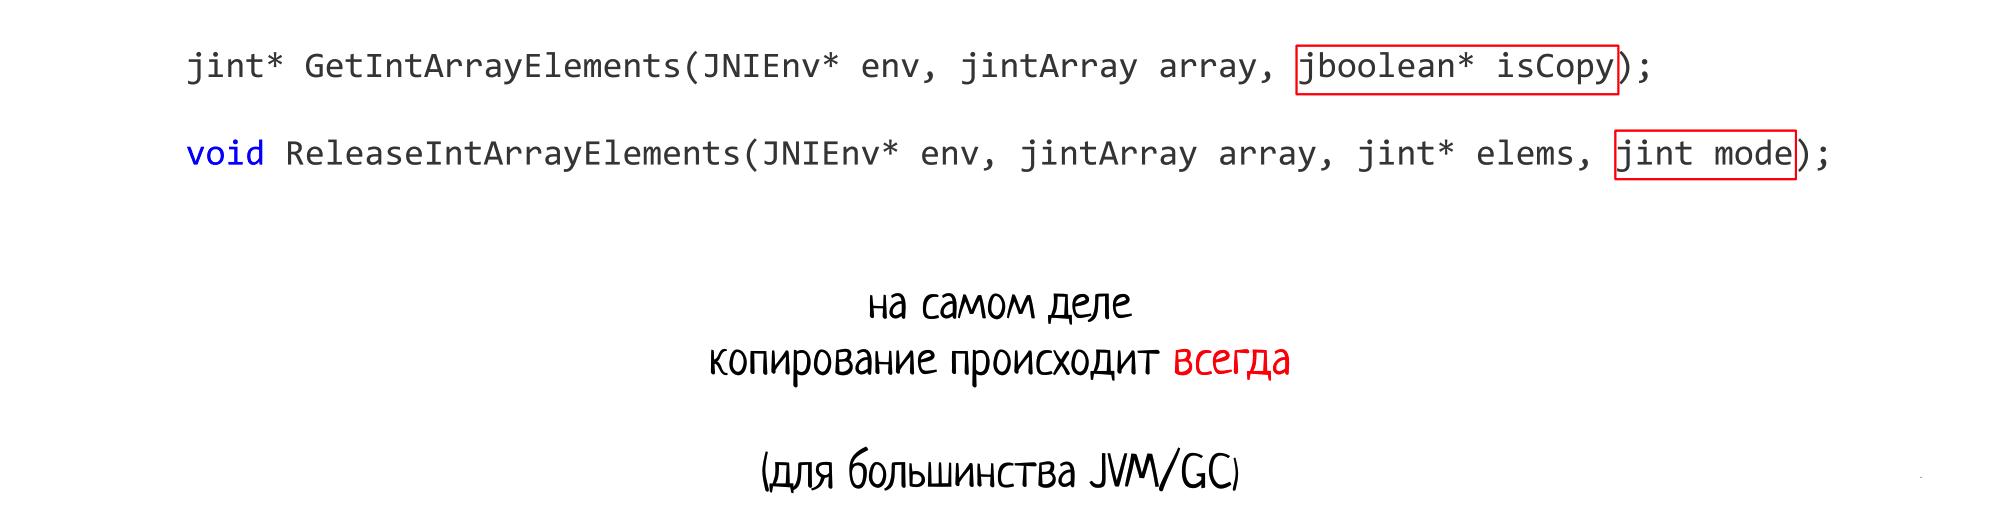 В нативный код из уютного мира Java: путешествие туда и обратно (часть 1) - 29